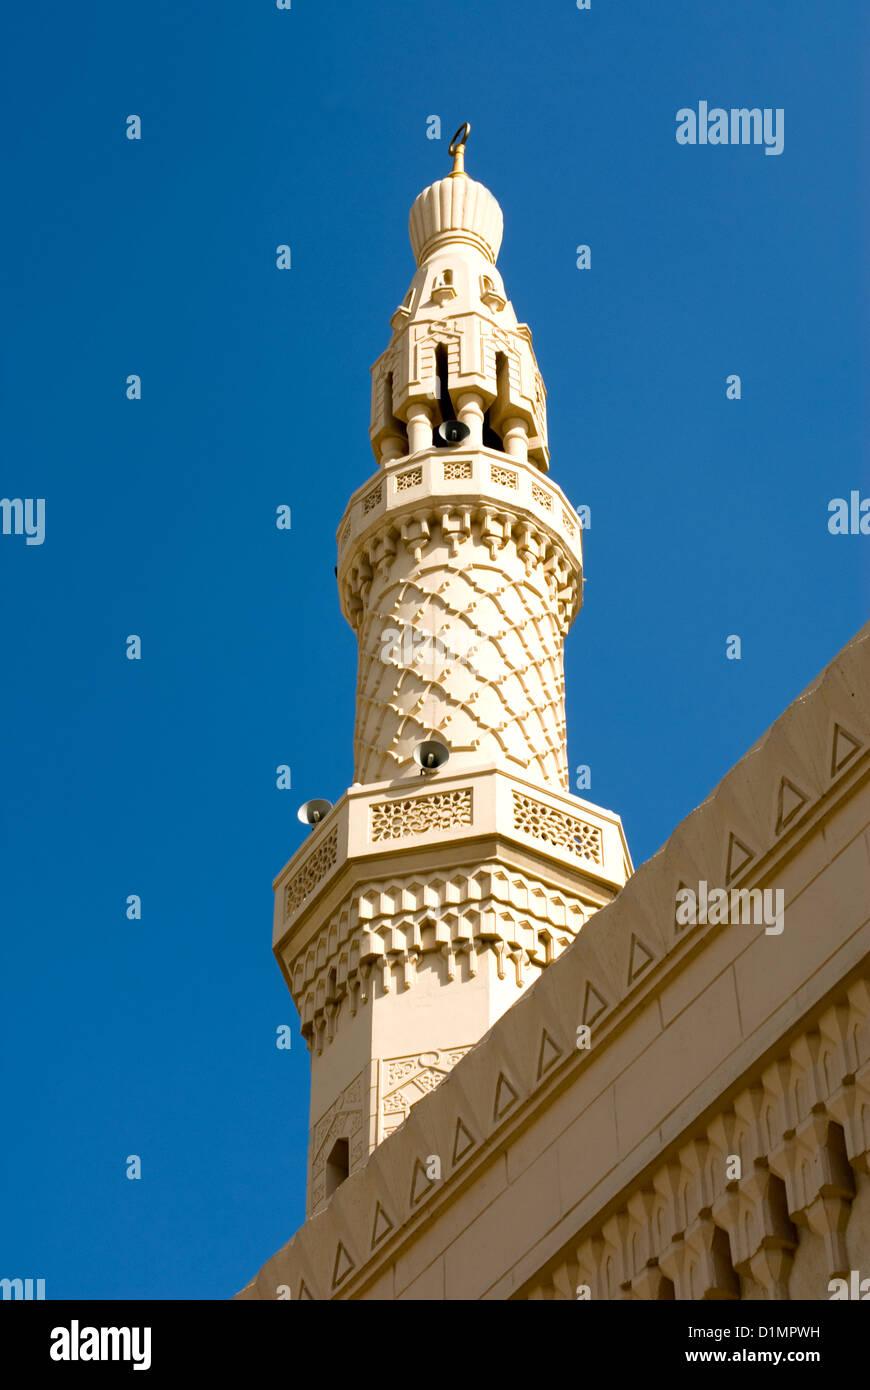 Mosque Minaret, Dubai - Stock Image